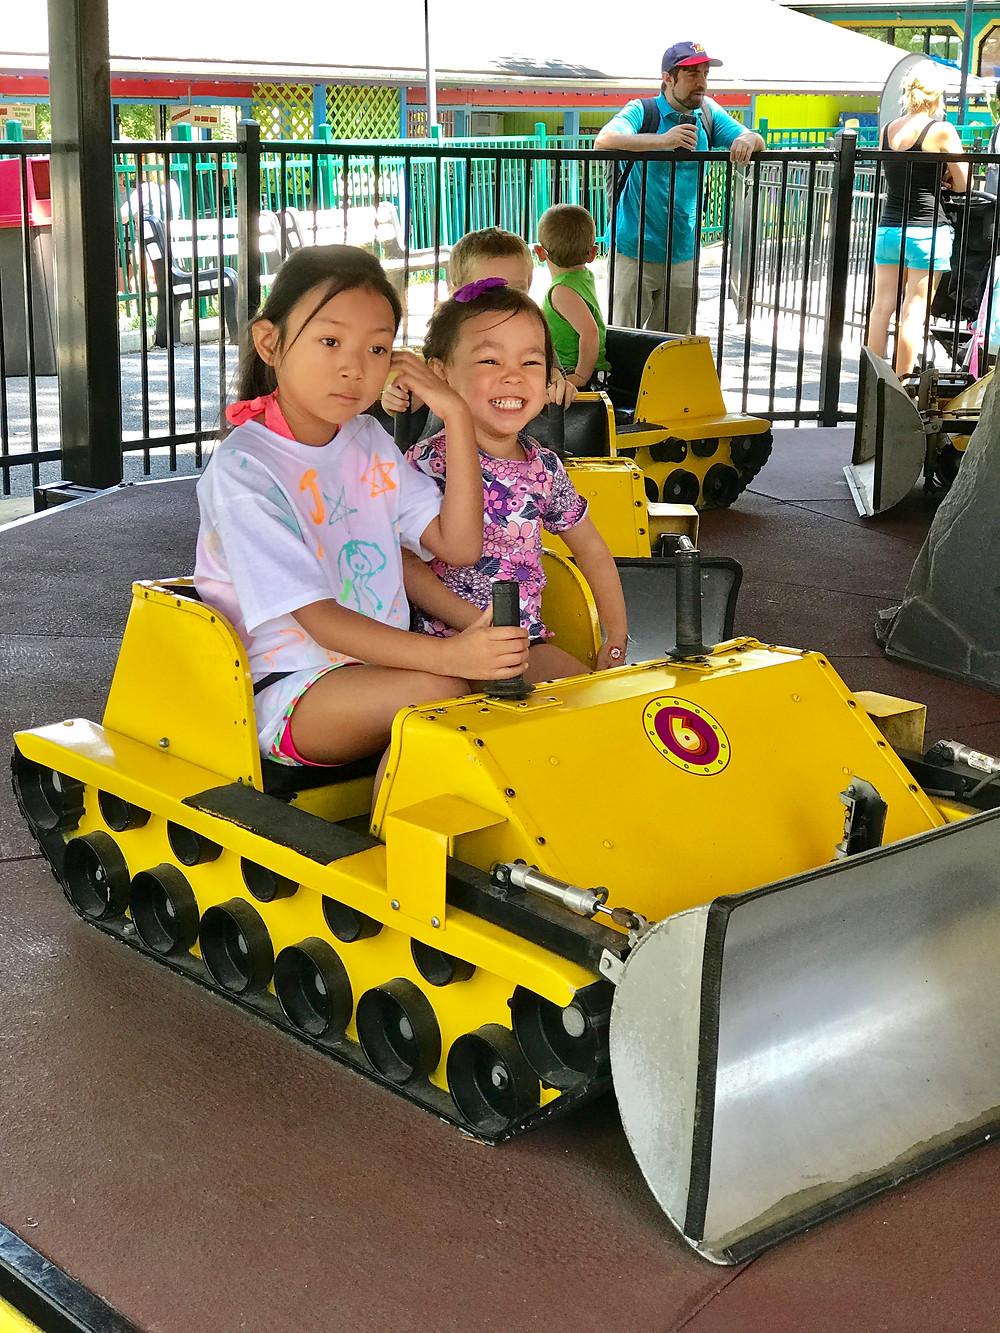 Dutch Wonderland, Lancaster for kids, amusement parks, Curious G and Me